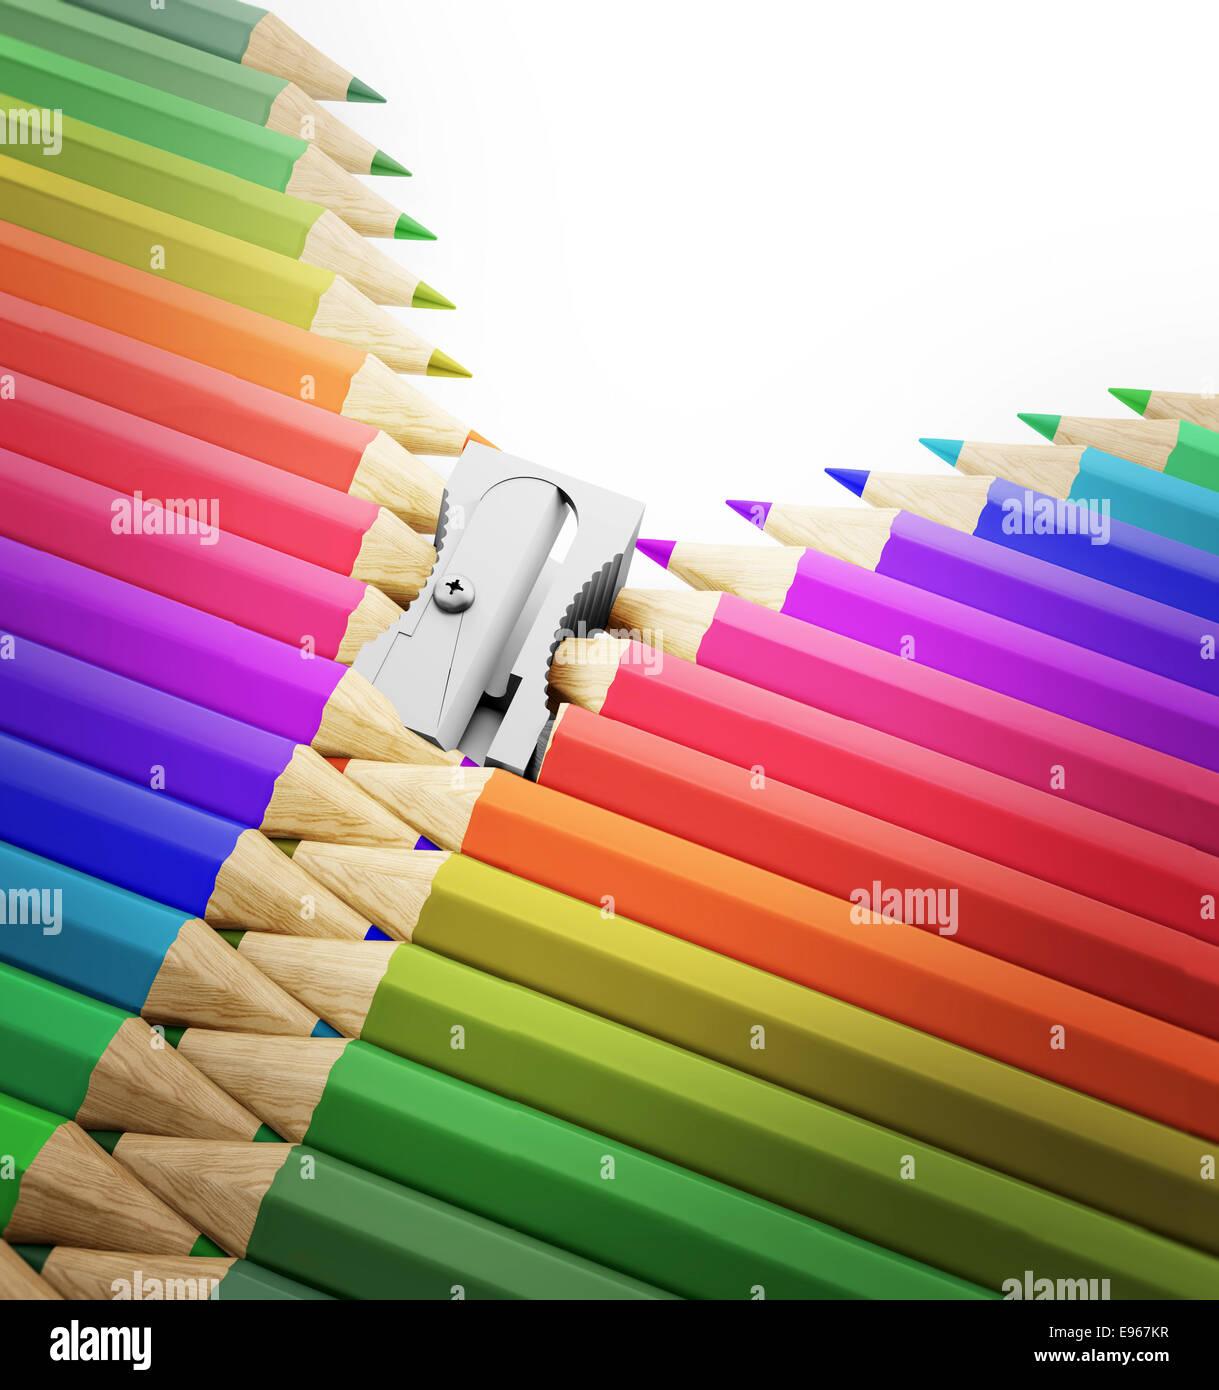 Eine Reihe von Bleistifte und Anspitzer bilden einen Reißverschluss - Kunst, Kreativität und Schule illustration Stockbild